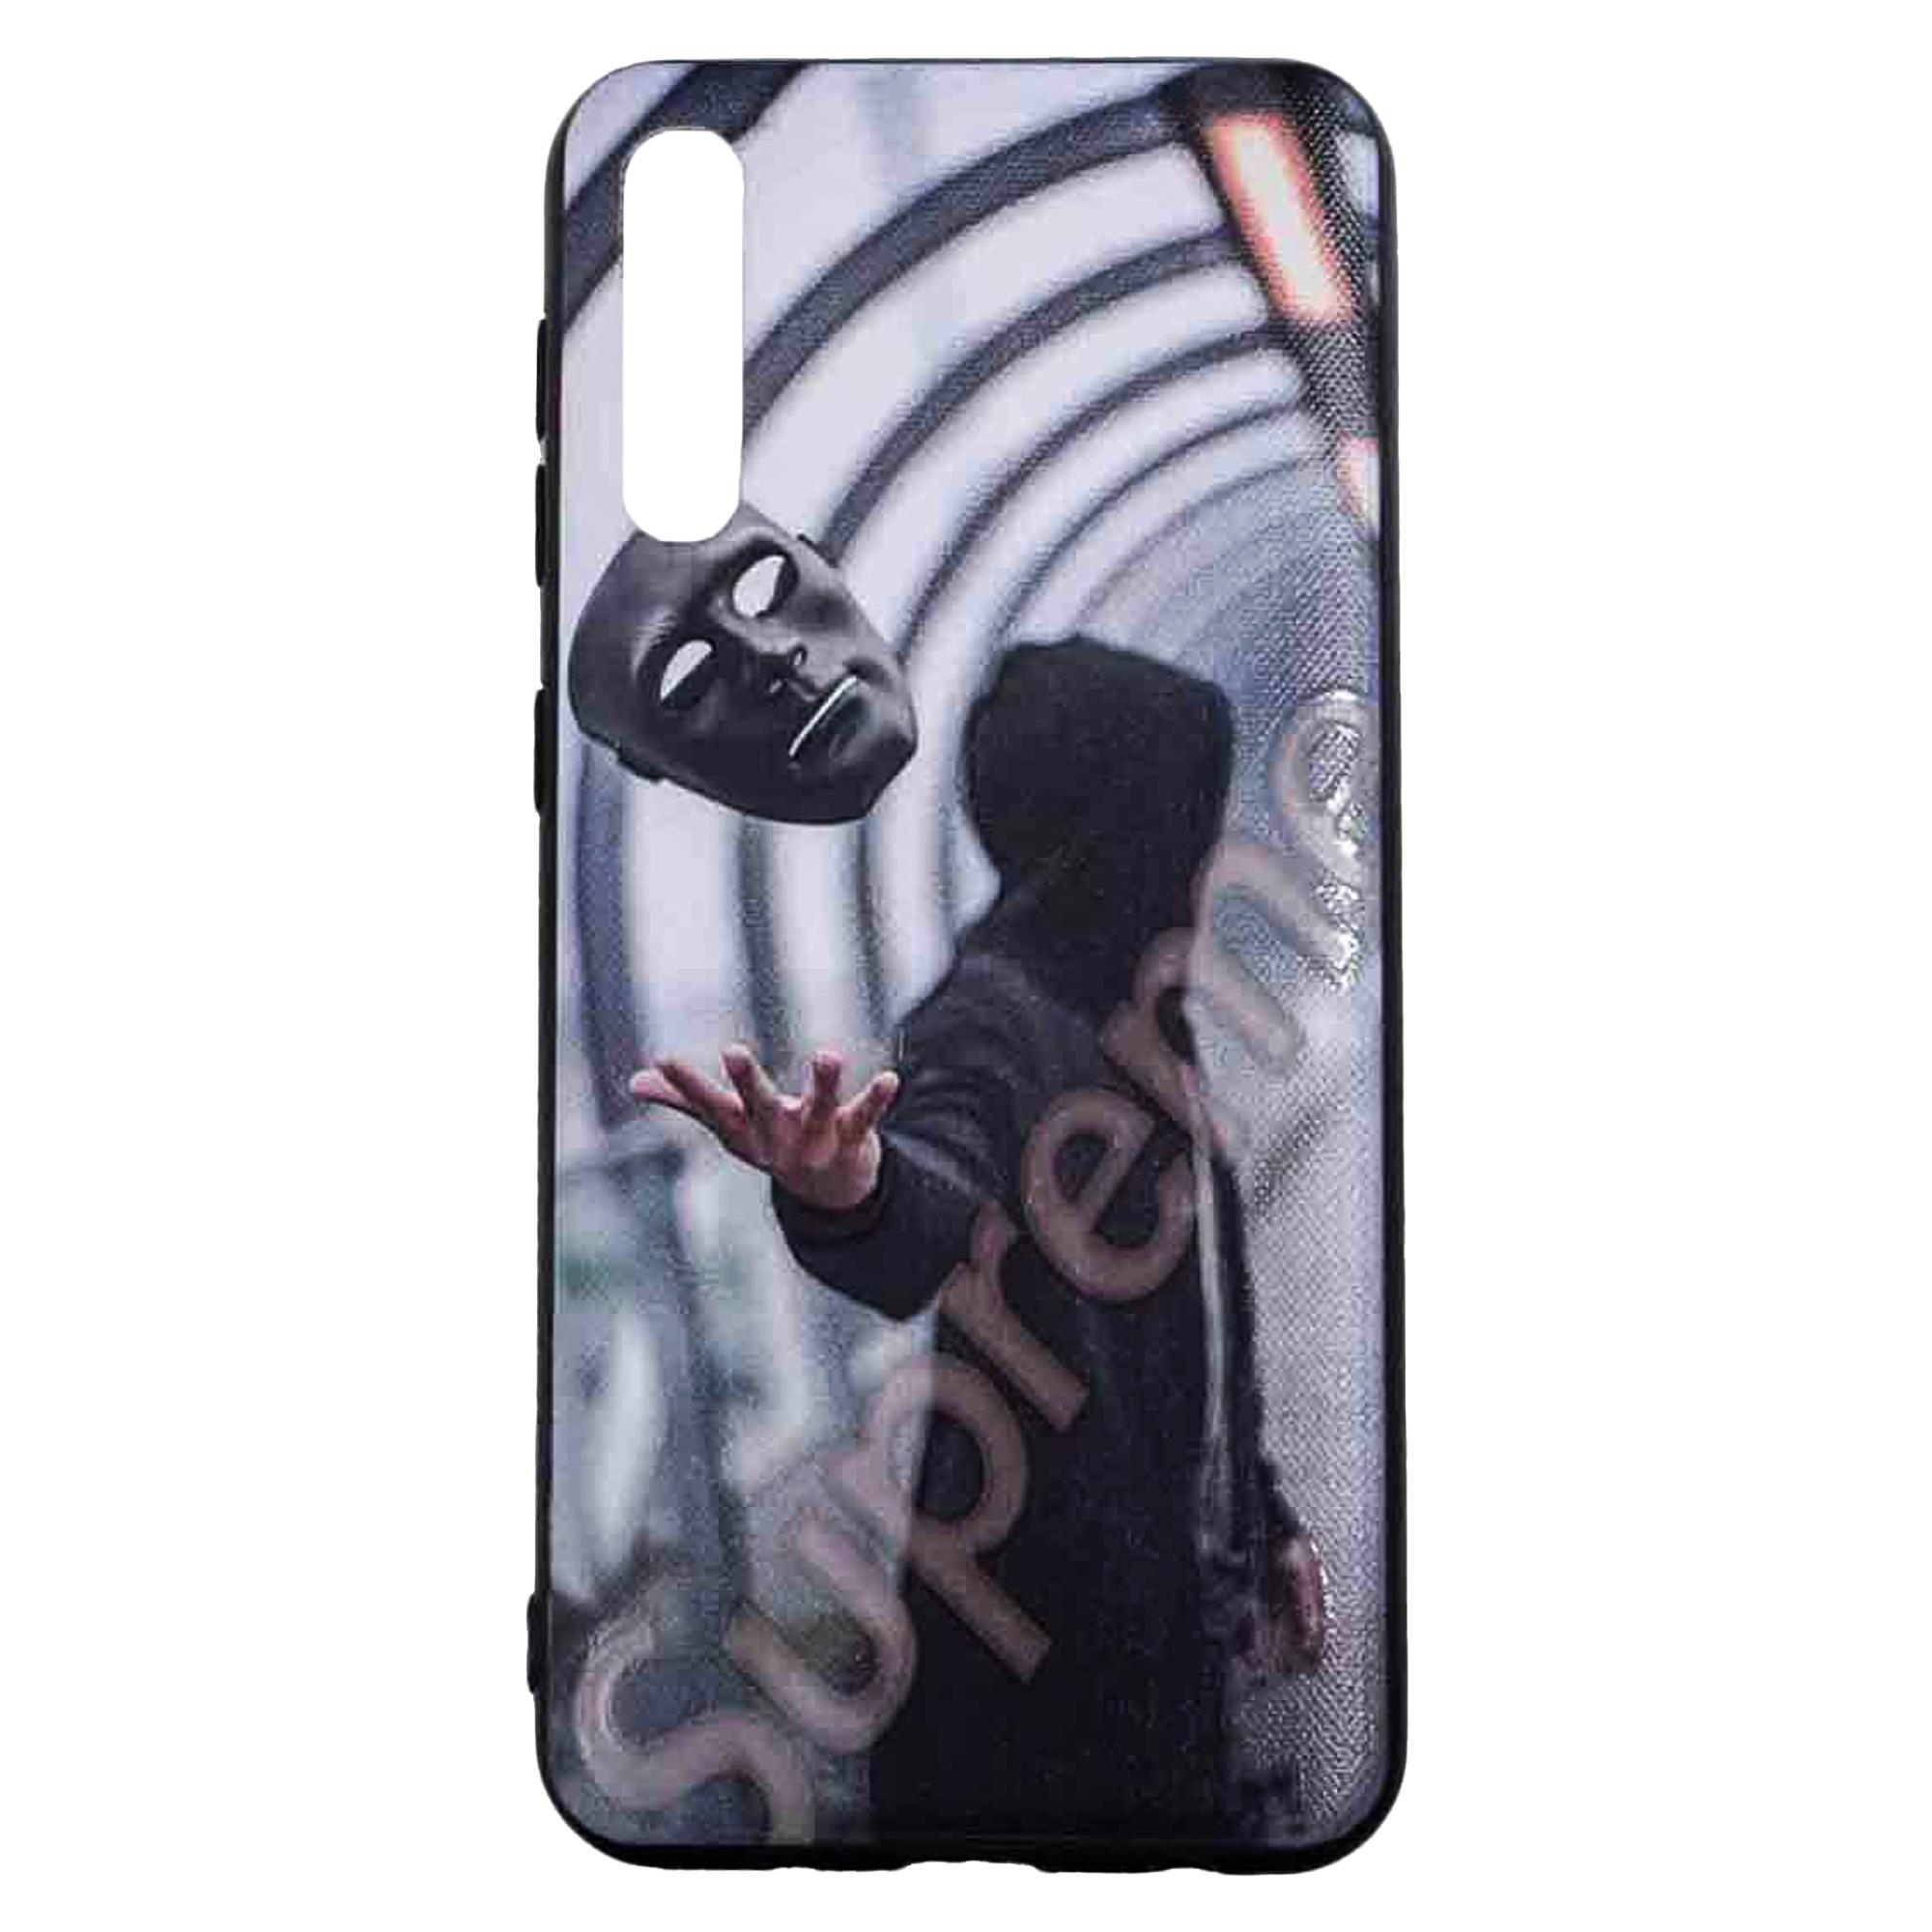 کاور مدل BK طرح نقاب مناسب برای گوشی موبایل سامسونگ Galaxy A50/A50S/A30S